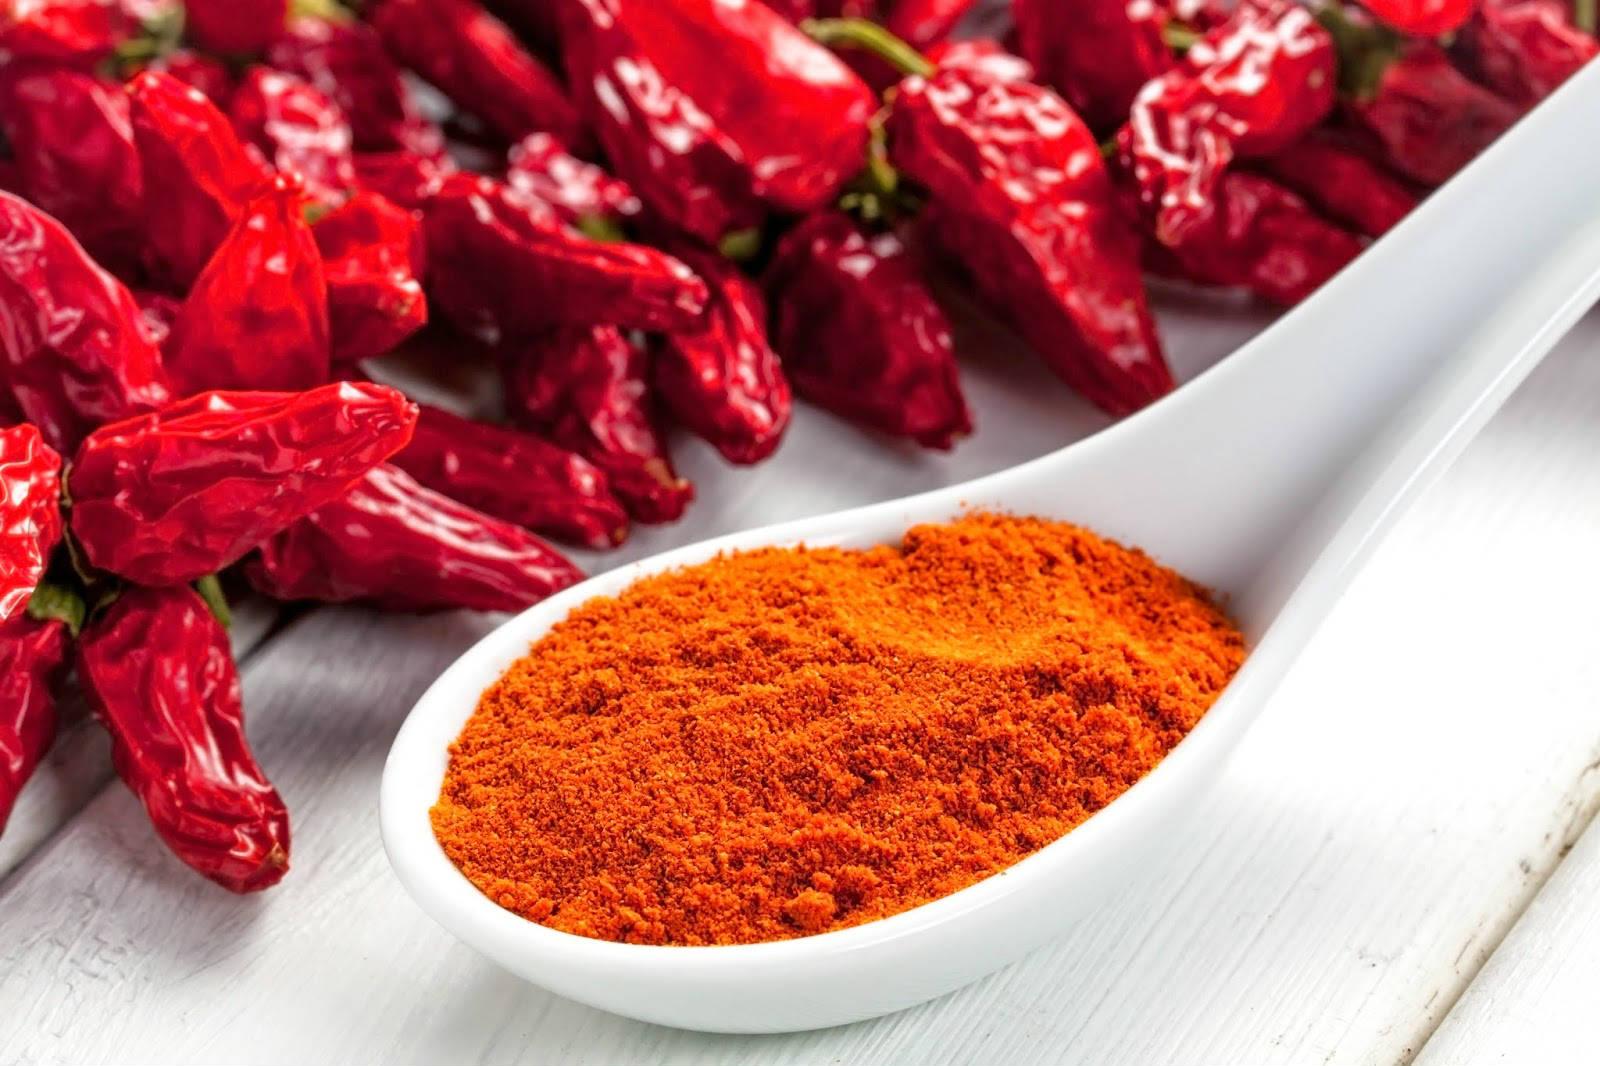 Паприка - кулинарный гид, применение, свойства | spicesguide.ru